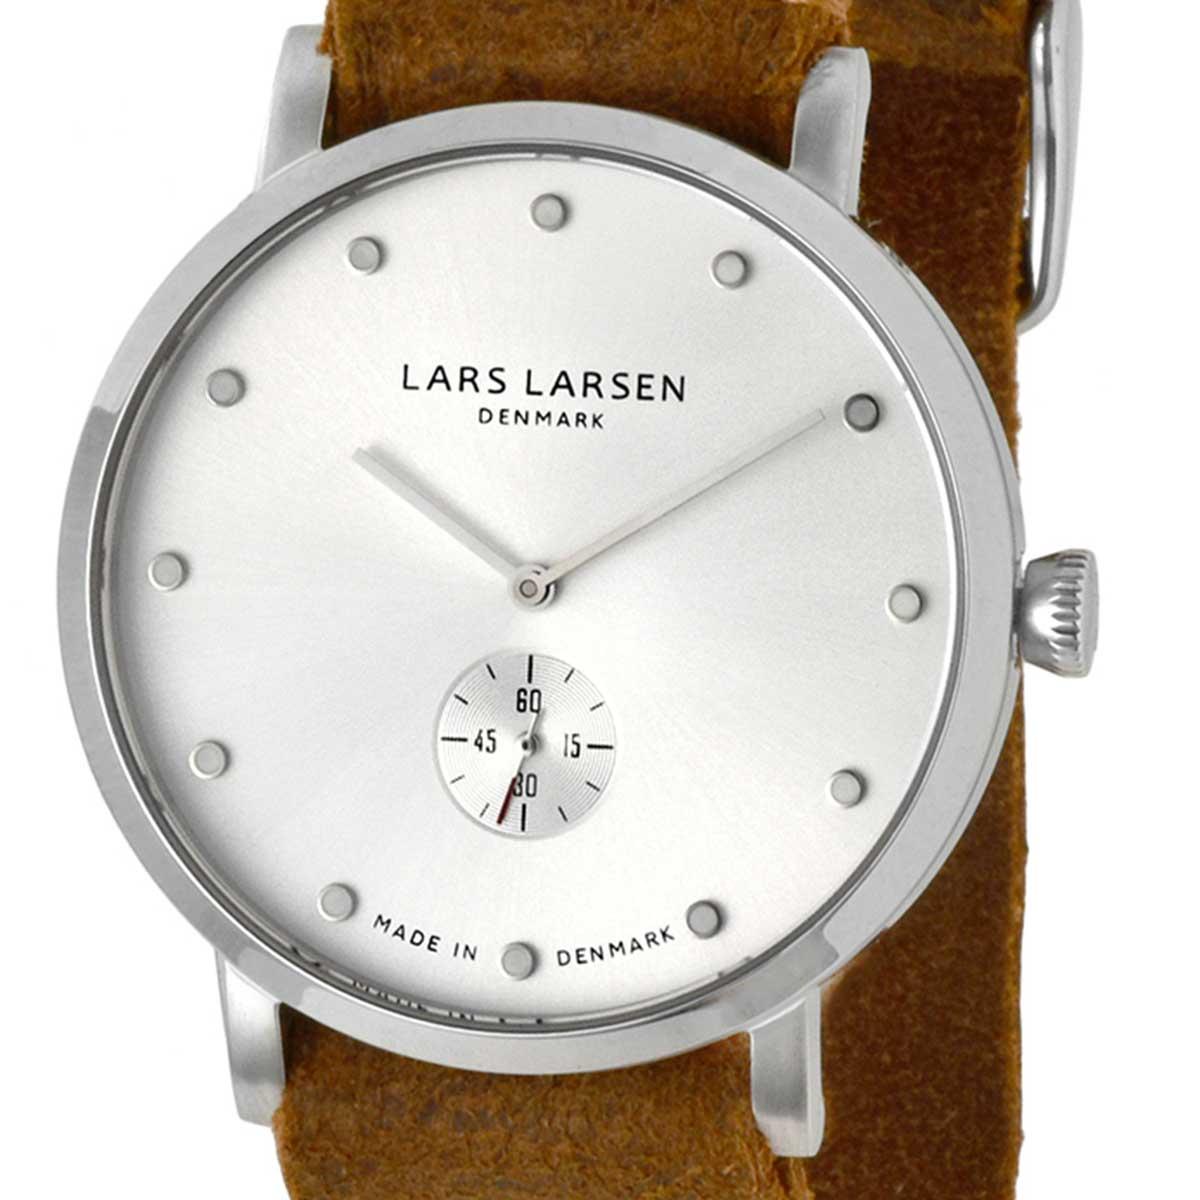 LARS LARSEN ラースラーセン (LLARSEN エルラーセン) 電池式クォーツ 腕時計 [132SWCZ] 並行輸入品